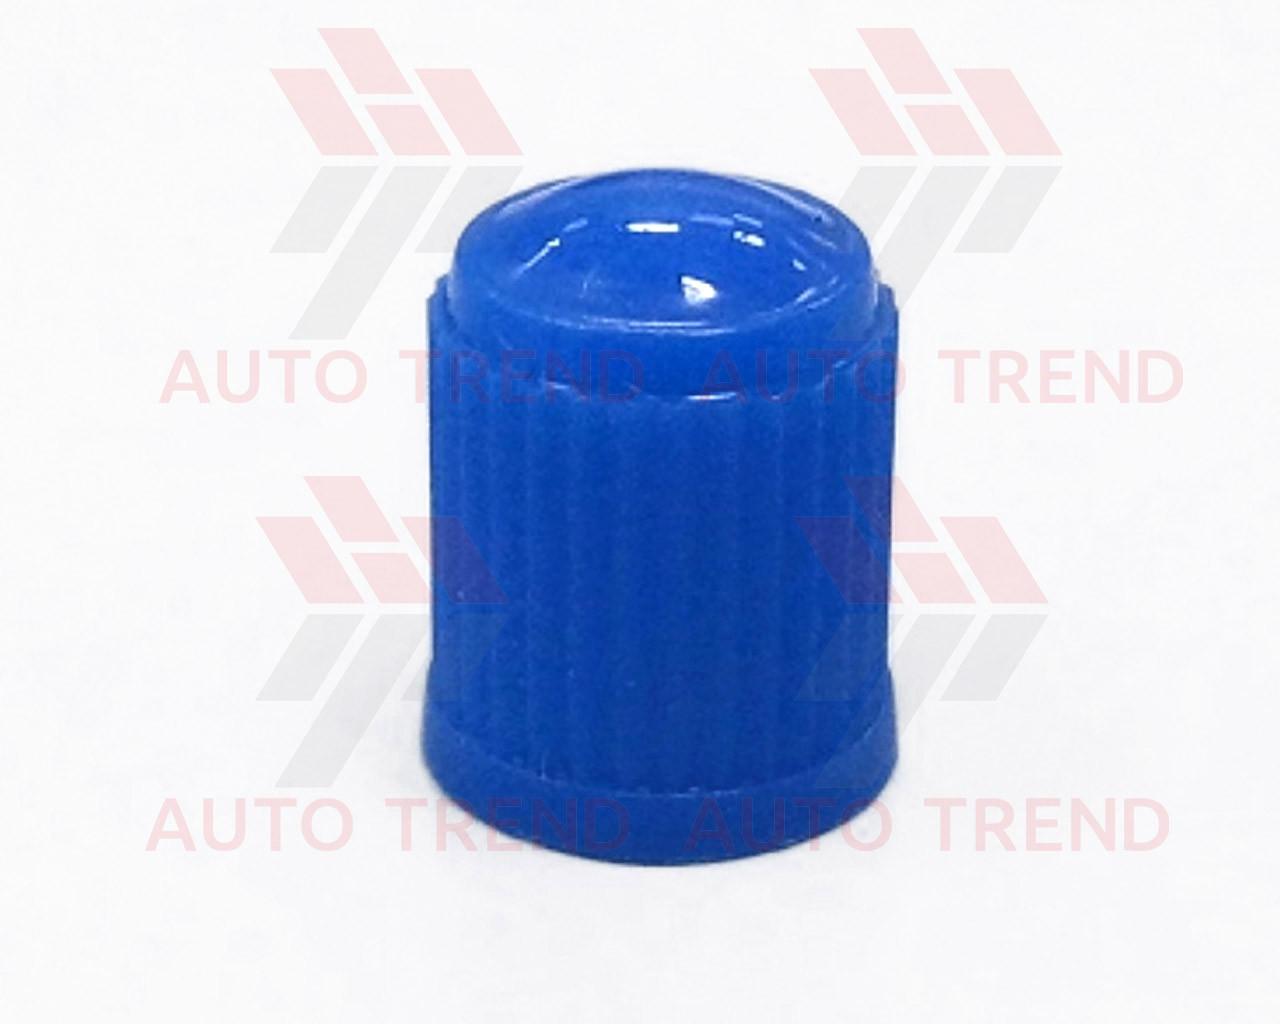 Колпачок на ниппель пластмассовый цветной синий (100 шт.) уп.